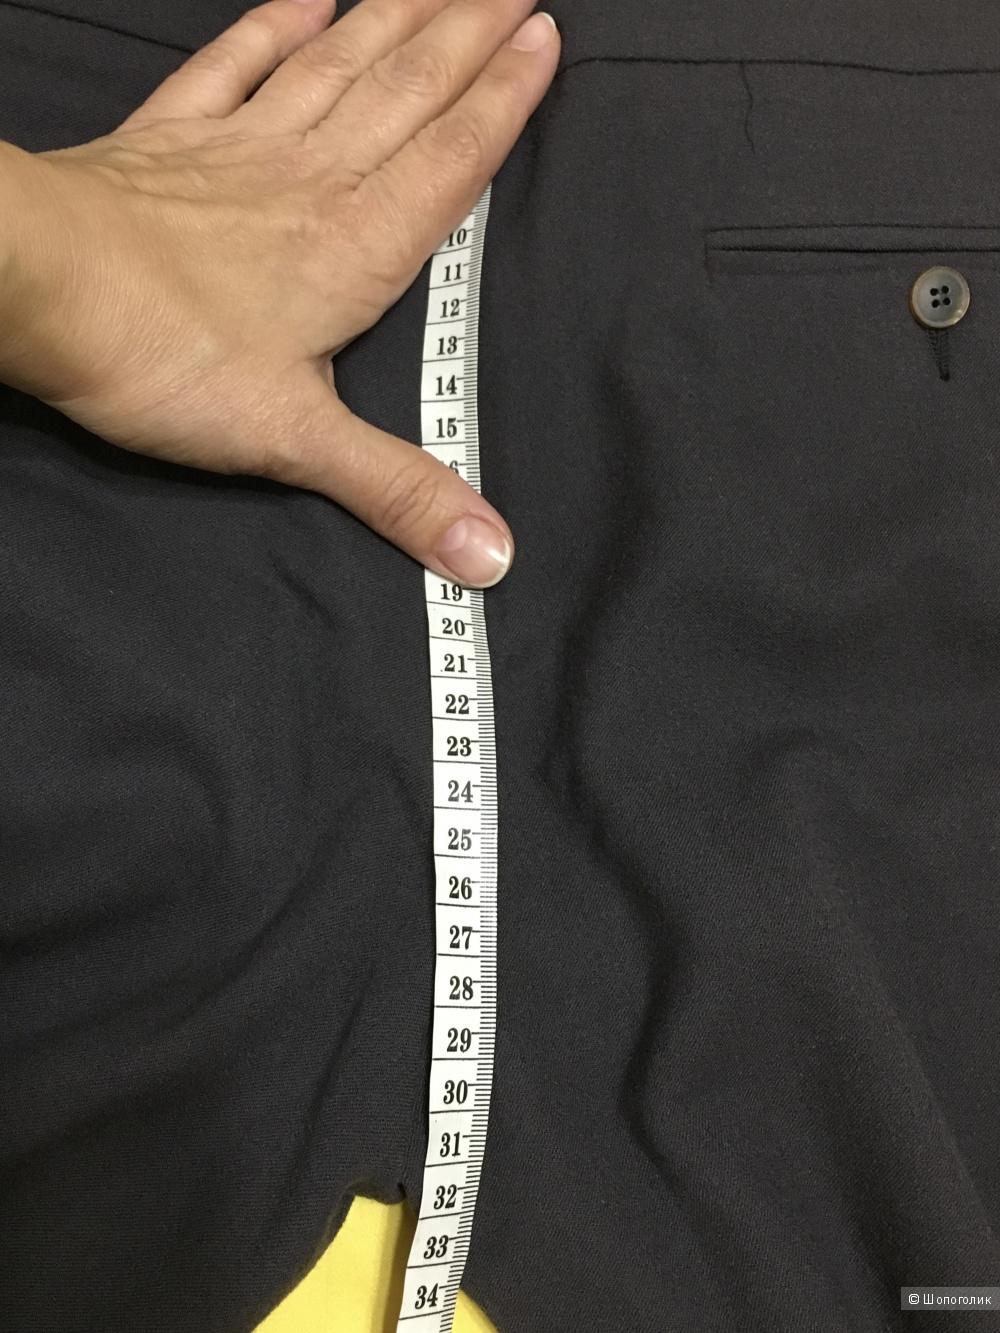 Брюки-палаццо METRADAMO, 48 (Российский размер) дизайнер:46 (IT). Свинцово-серый